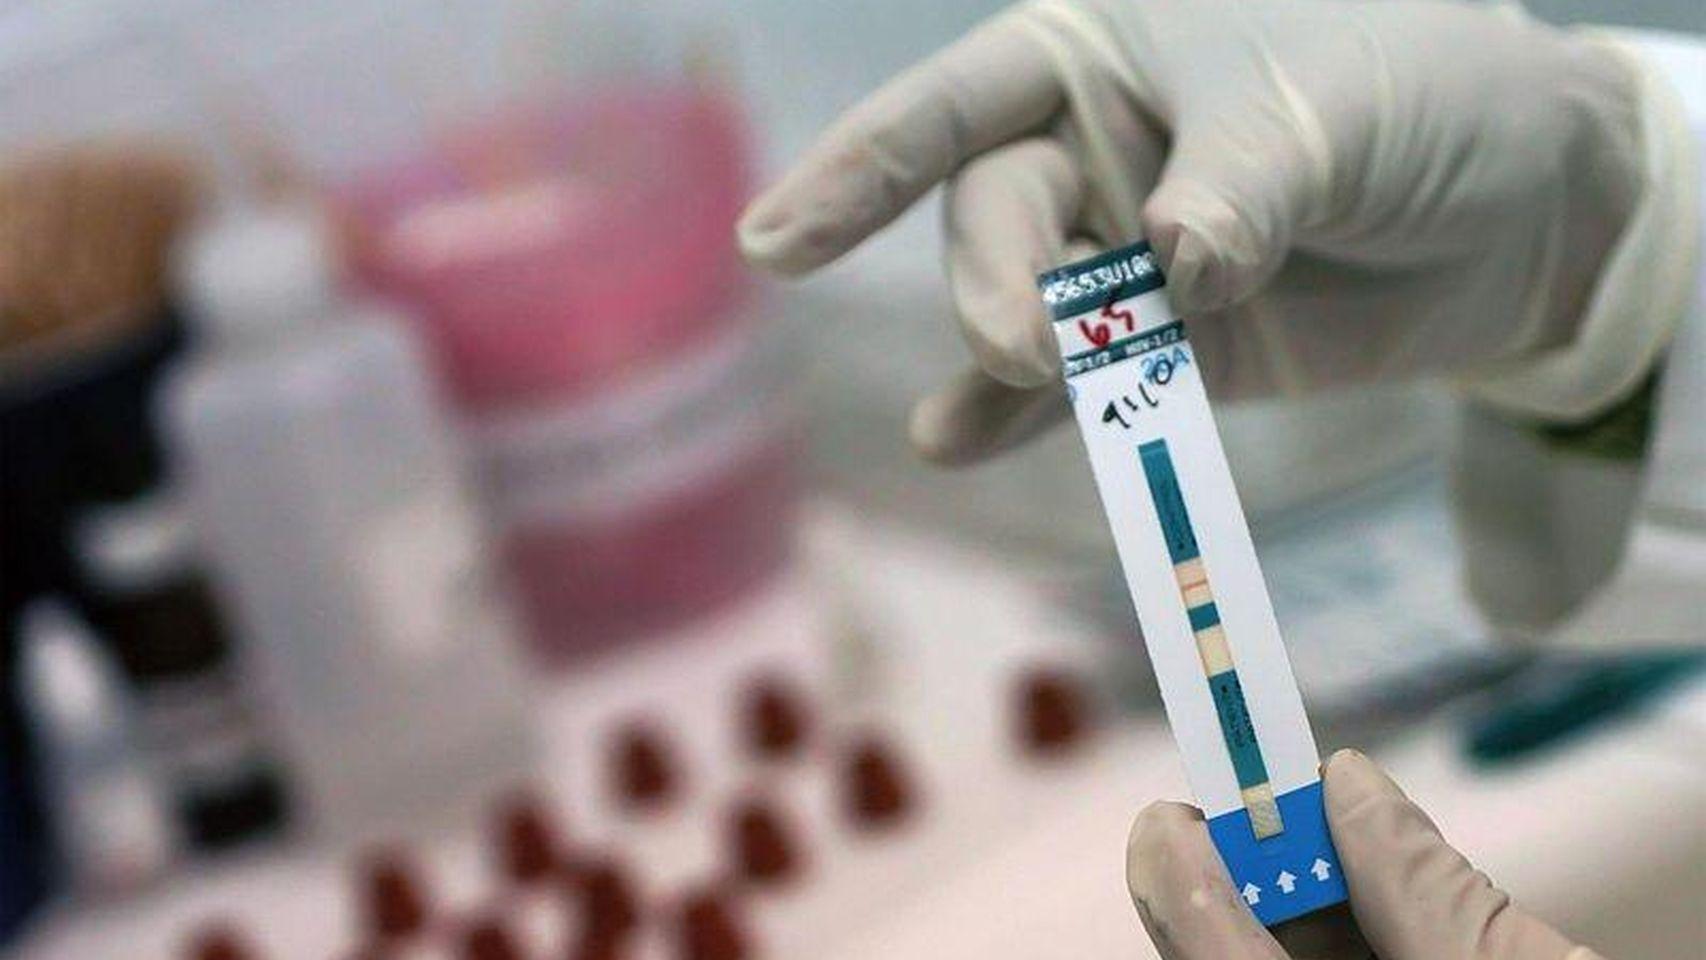 ¿Cuál es la mayor semejanza entre el SARS-CoV-2 y el VIH?